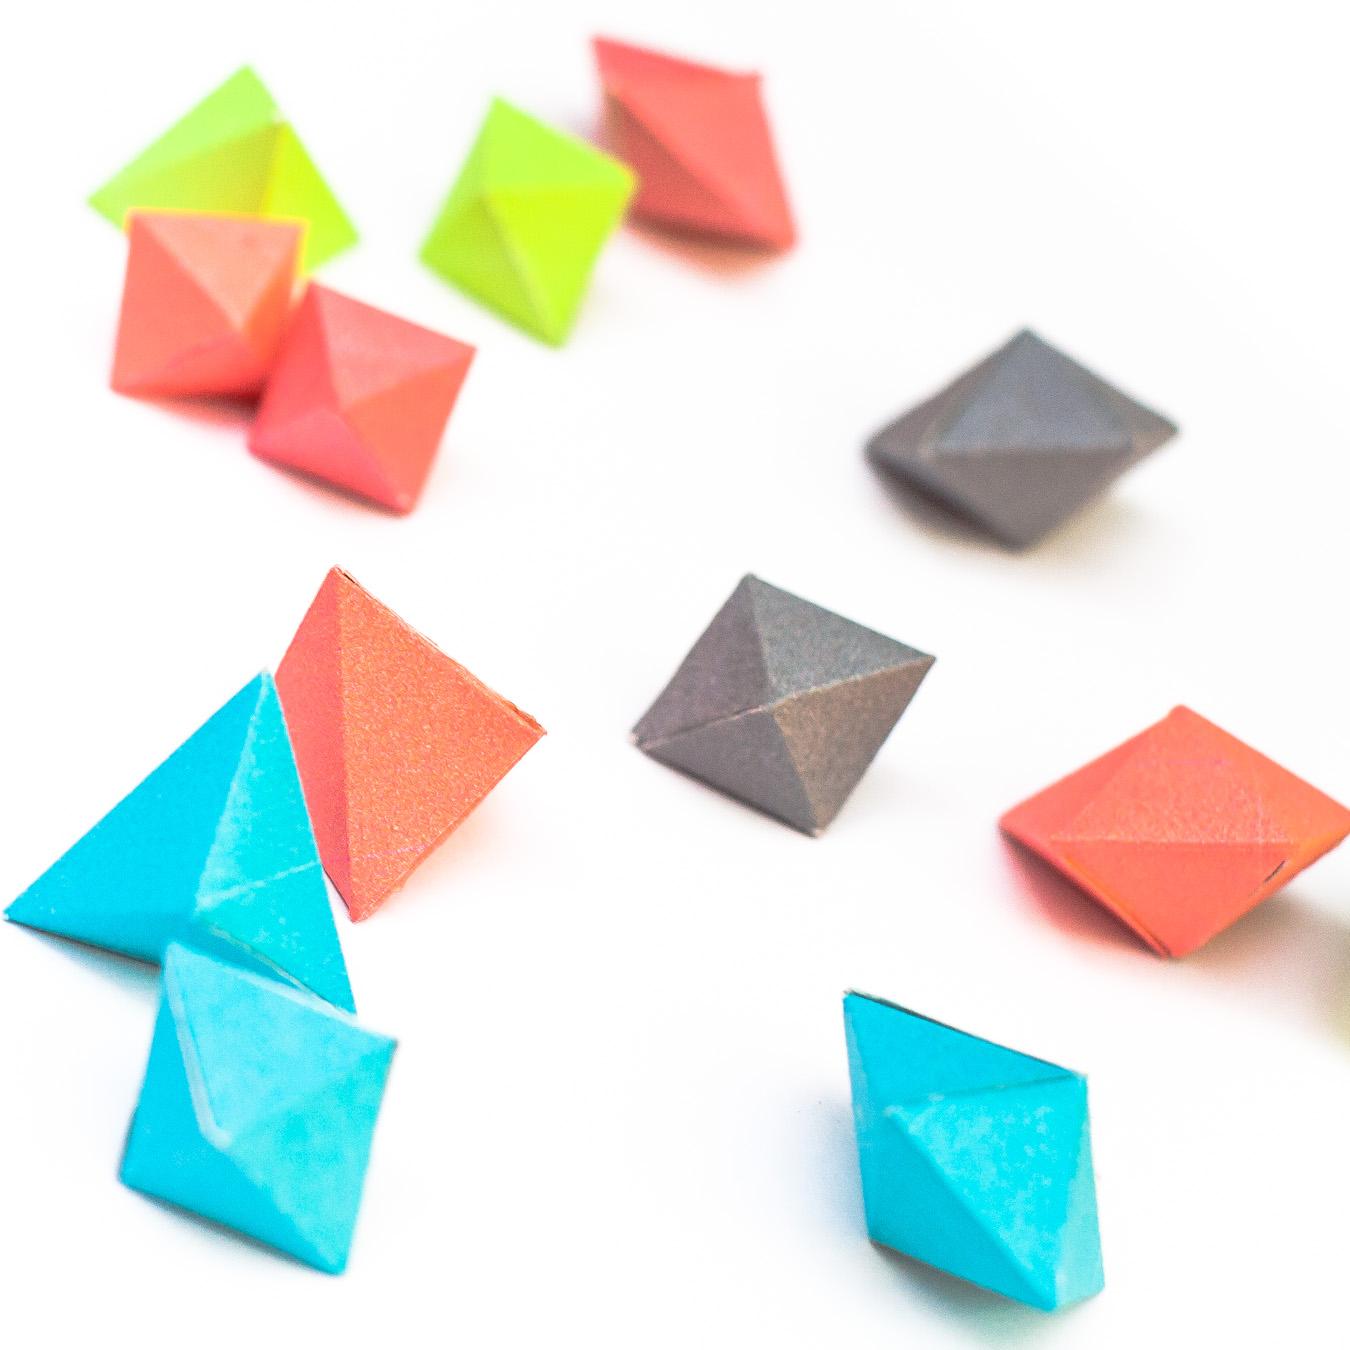 วิธีทำของเล่นโมเดลกระดาษทรงเรขาคณิต 003